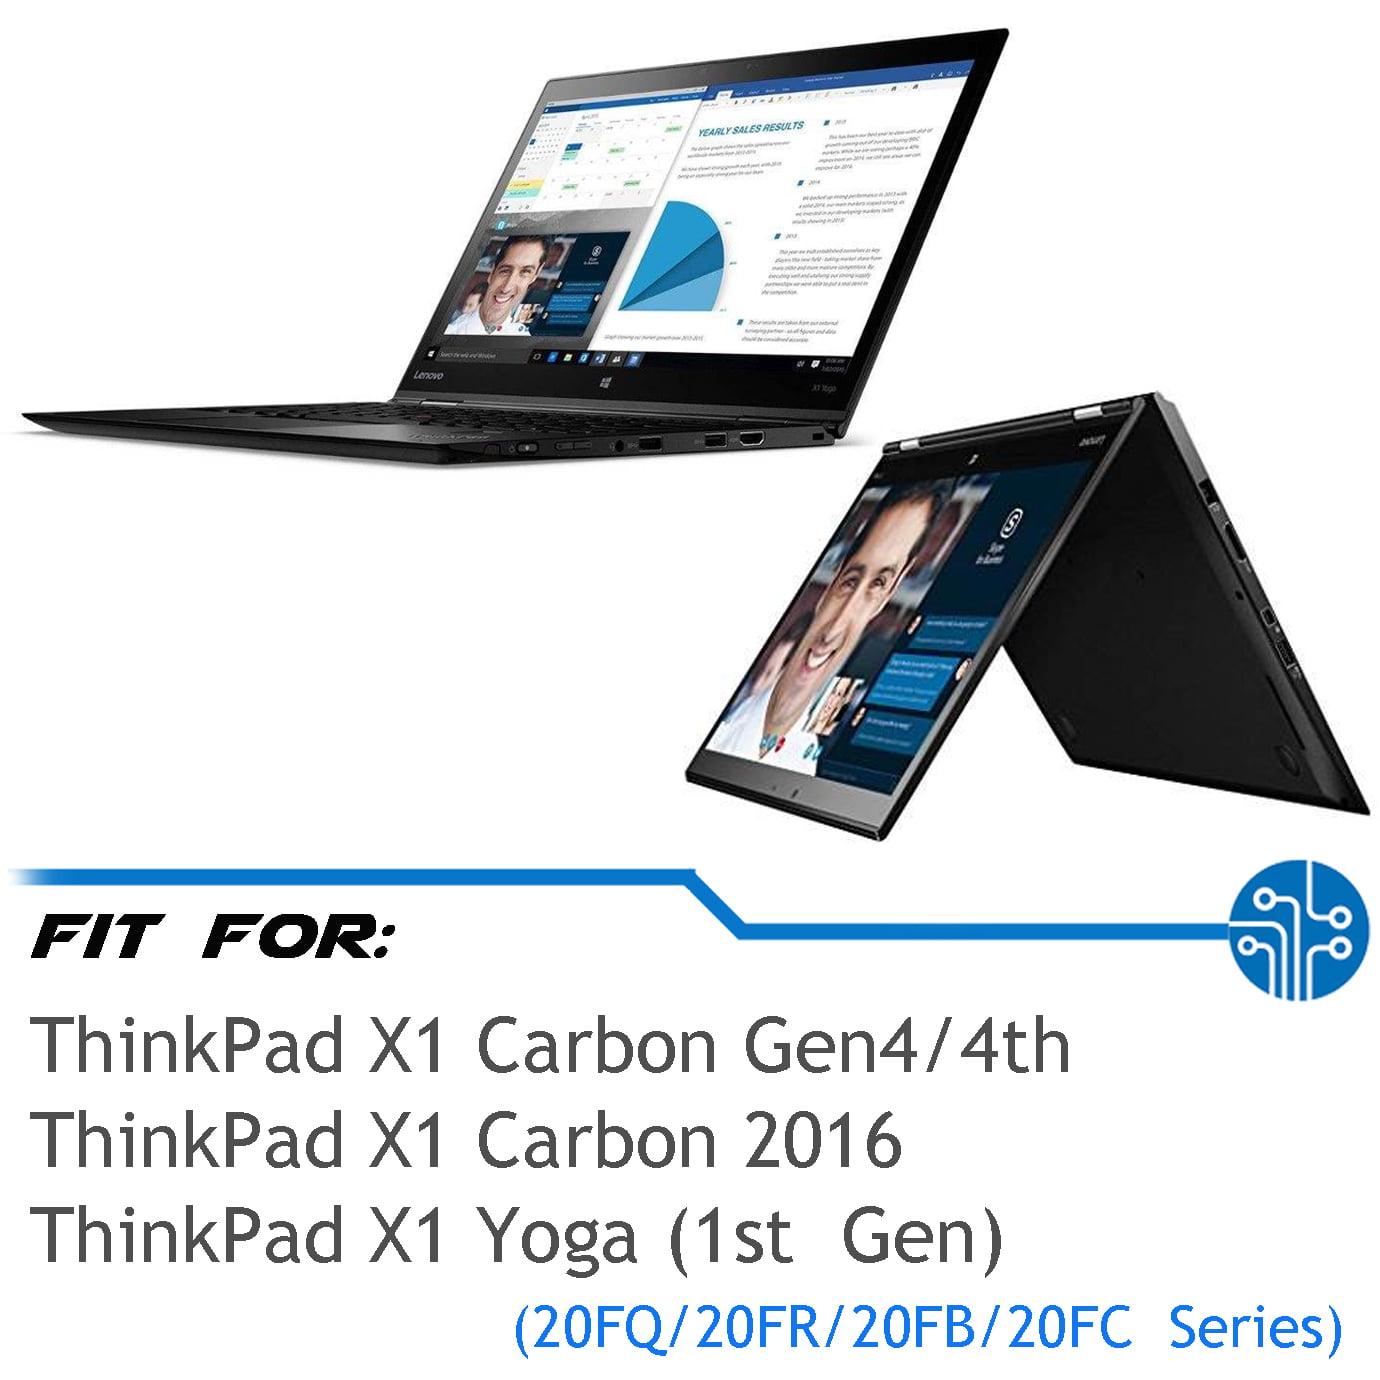 01AV410 01AV441 01AV457 00HW028 Laptop Battery For Lenovo Thinkpad X1  Carbon 2016 / X1 Yoga 1st Gen / X1C 20FB 20FC 20FQ 20FR SB10K97566  SB10K97567